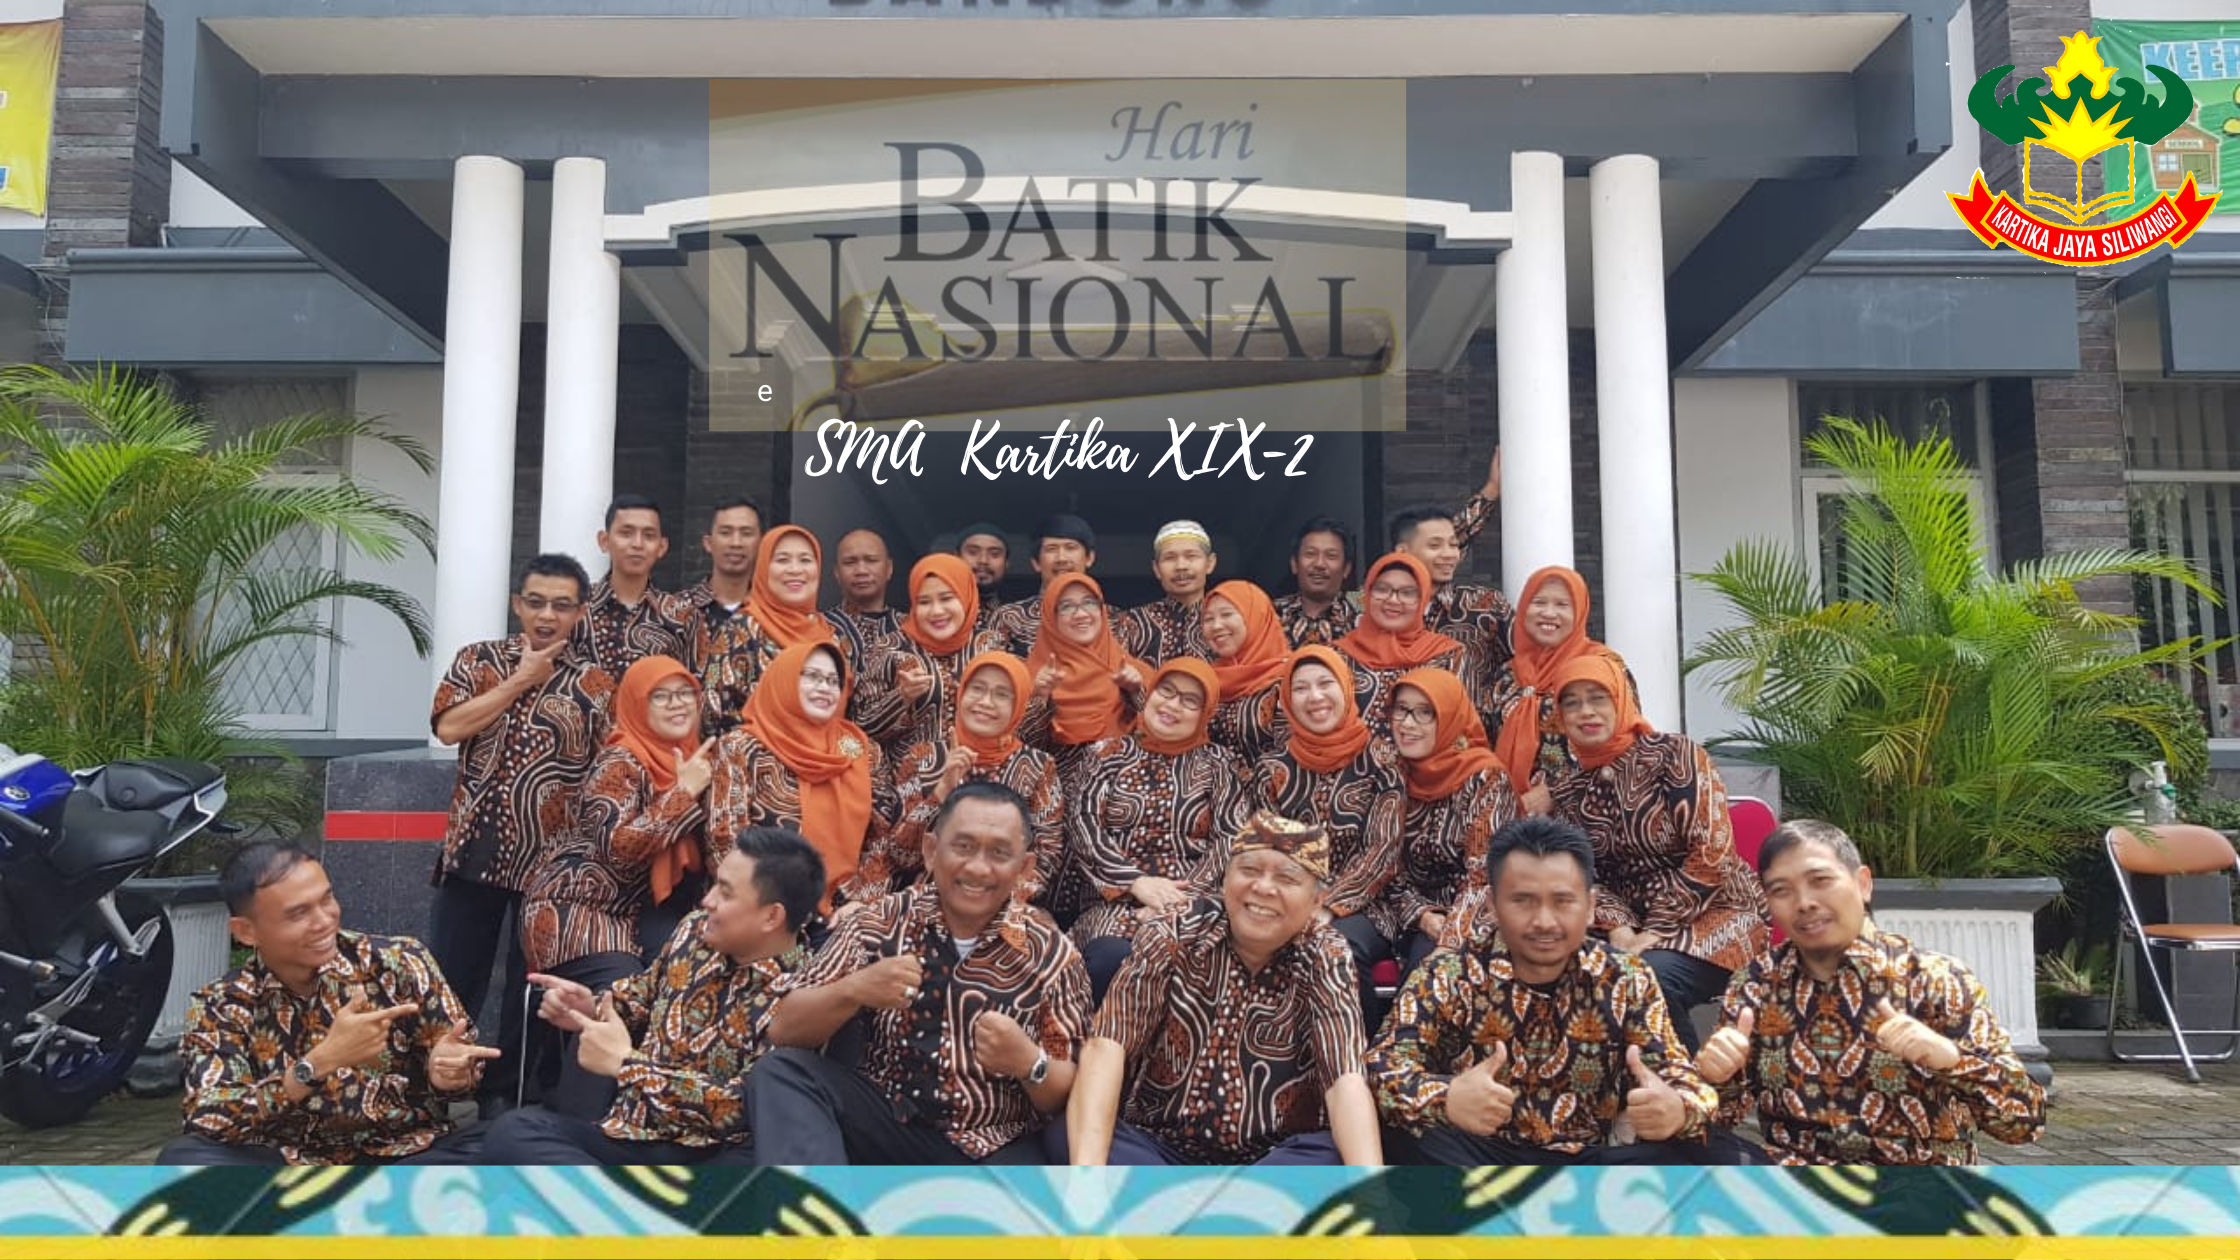 Hari Batik Nasional 2020 Warisan Budaya Kita